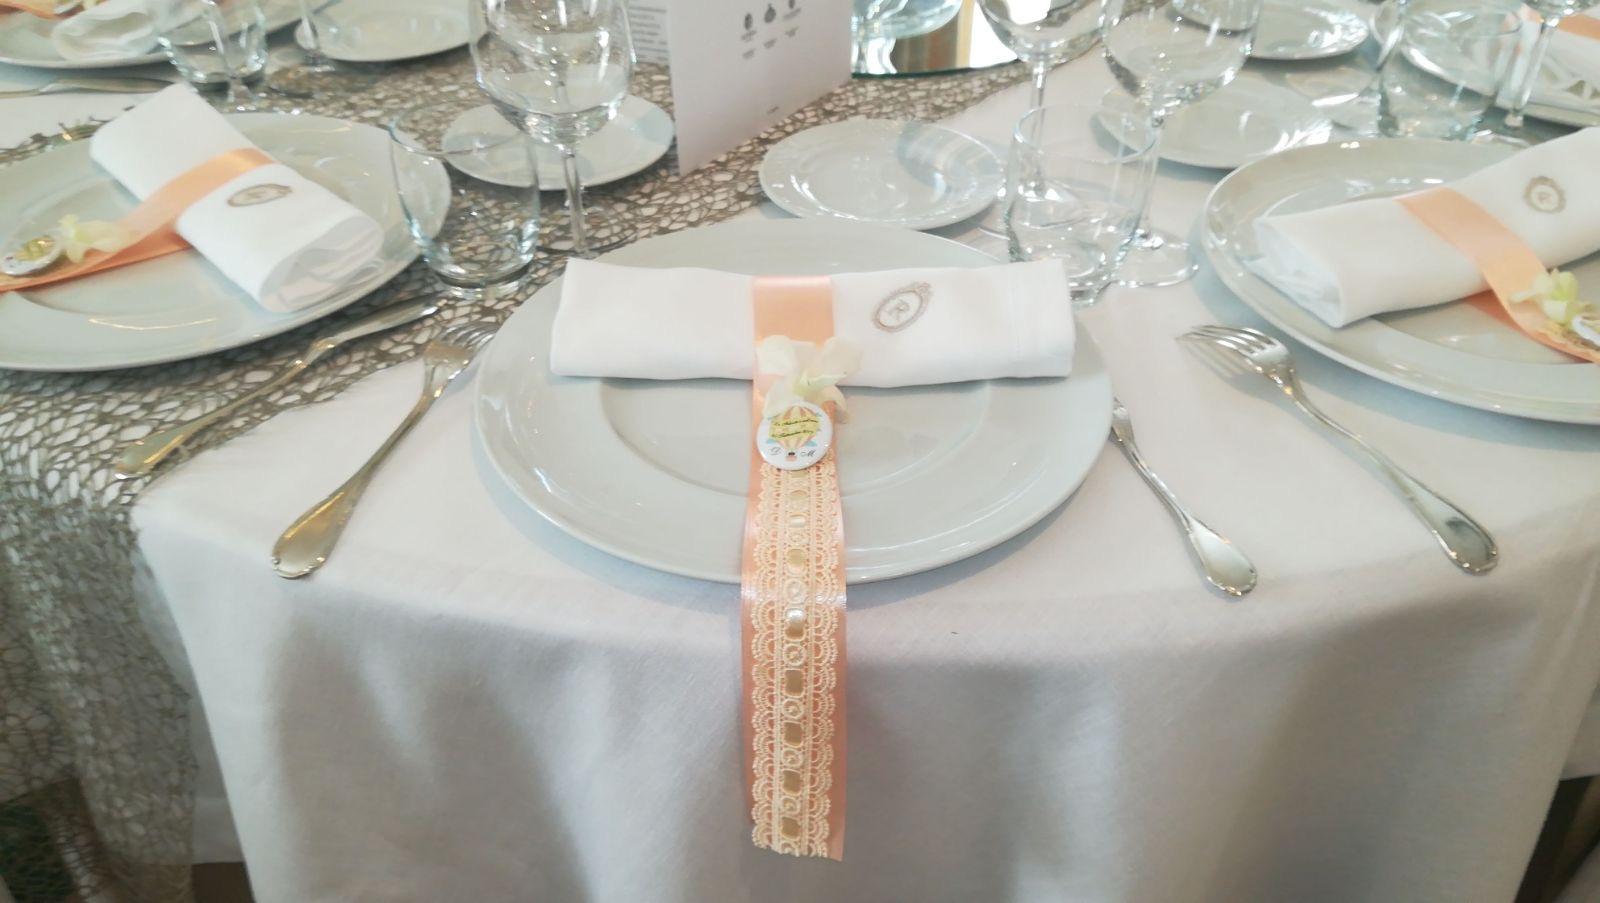 http://www.weddingamalfi.com/wp-content/uploads/Domenico-and-Maria-Wedding-Amalfi-table-decoration-placeholder.jpg